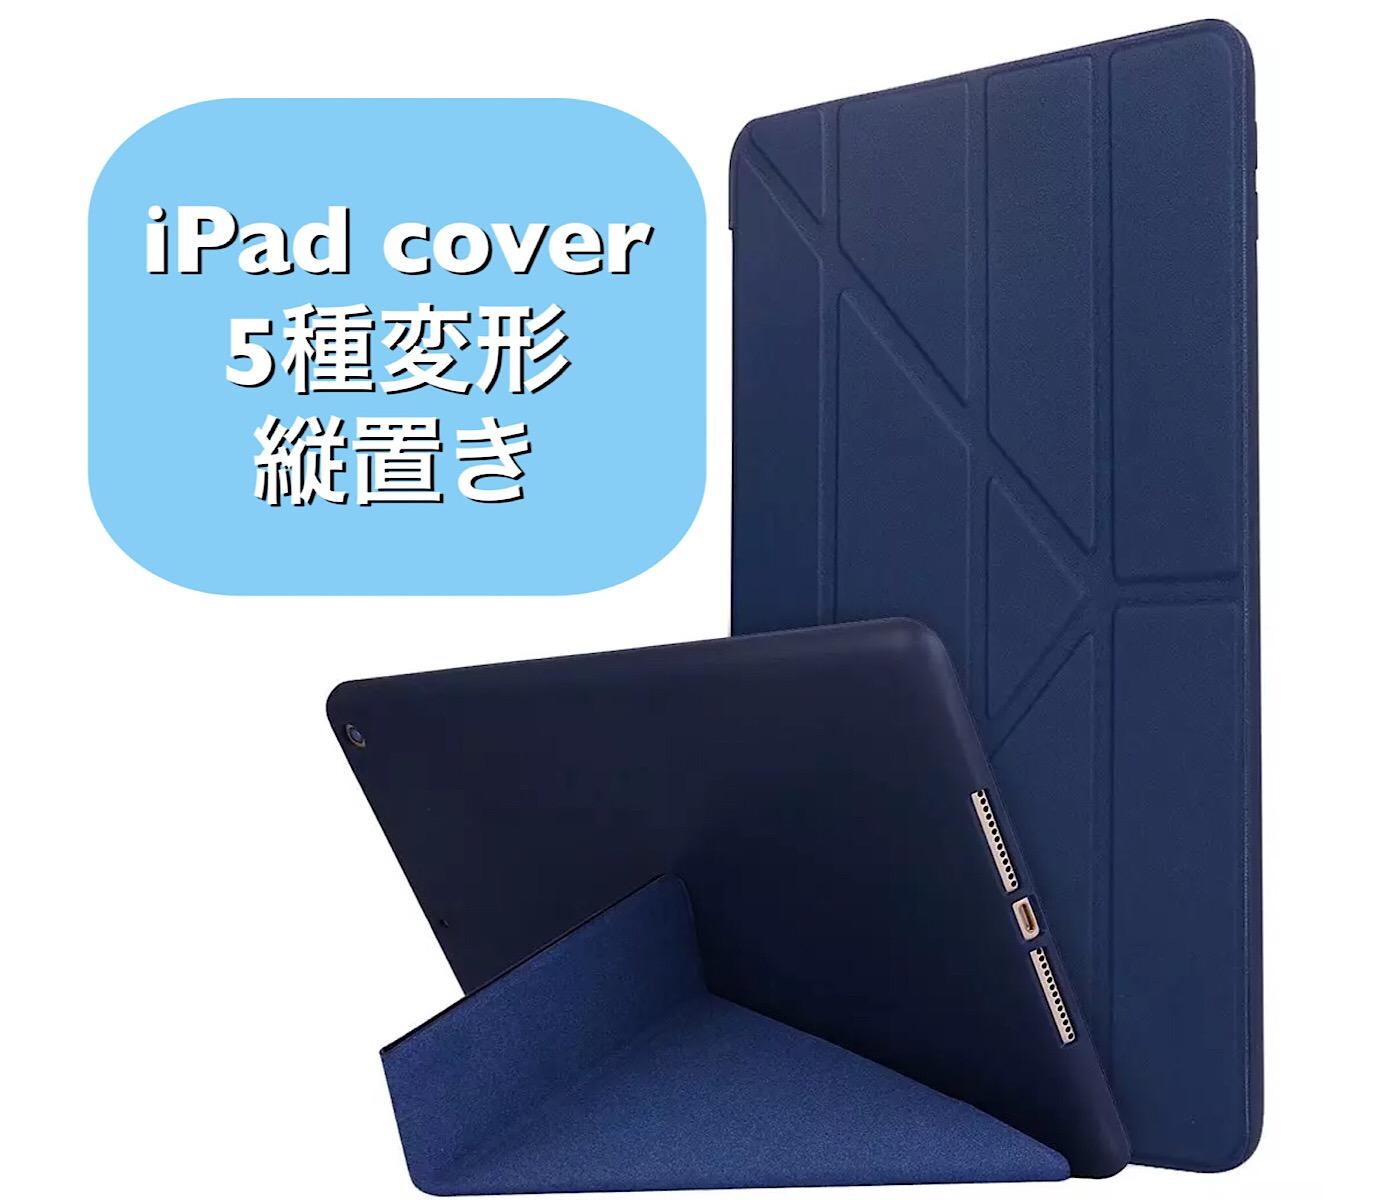 iPadケース 縦置き可能 5種変形 変形 縦置き 縦 立つ 全商品オープニング価格 iPadカバー mini Air iPad5 2017 iPad6 2018 2019年 第8世代 軽量 アイパッド 10.5 カラー6色 2020年 10.2 保護 薄型 物品 Air3 第7世代 iPad7 スマート iPad8 タブレット